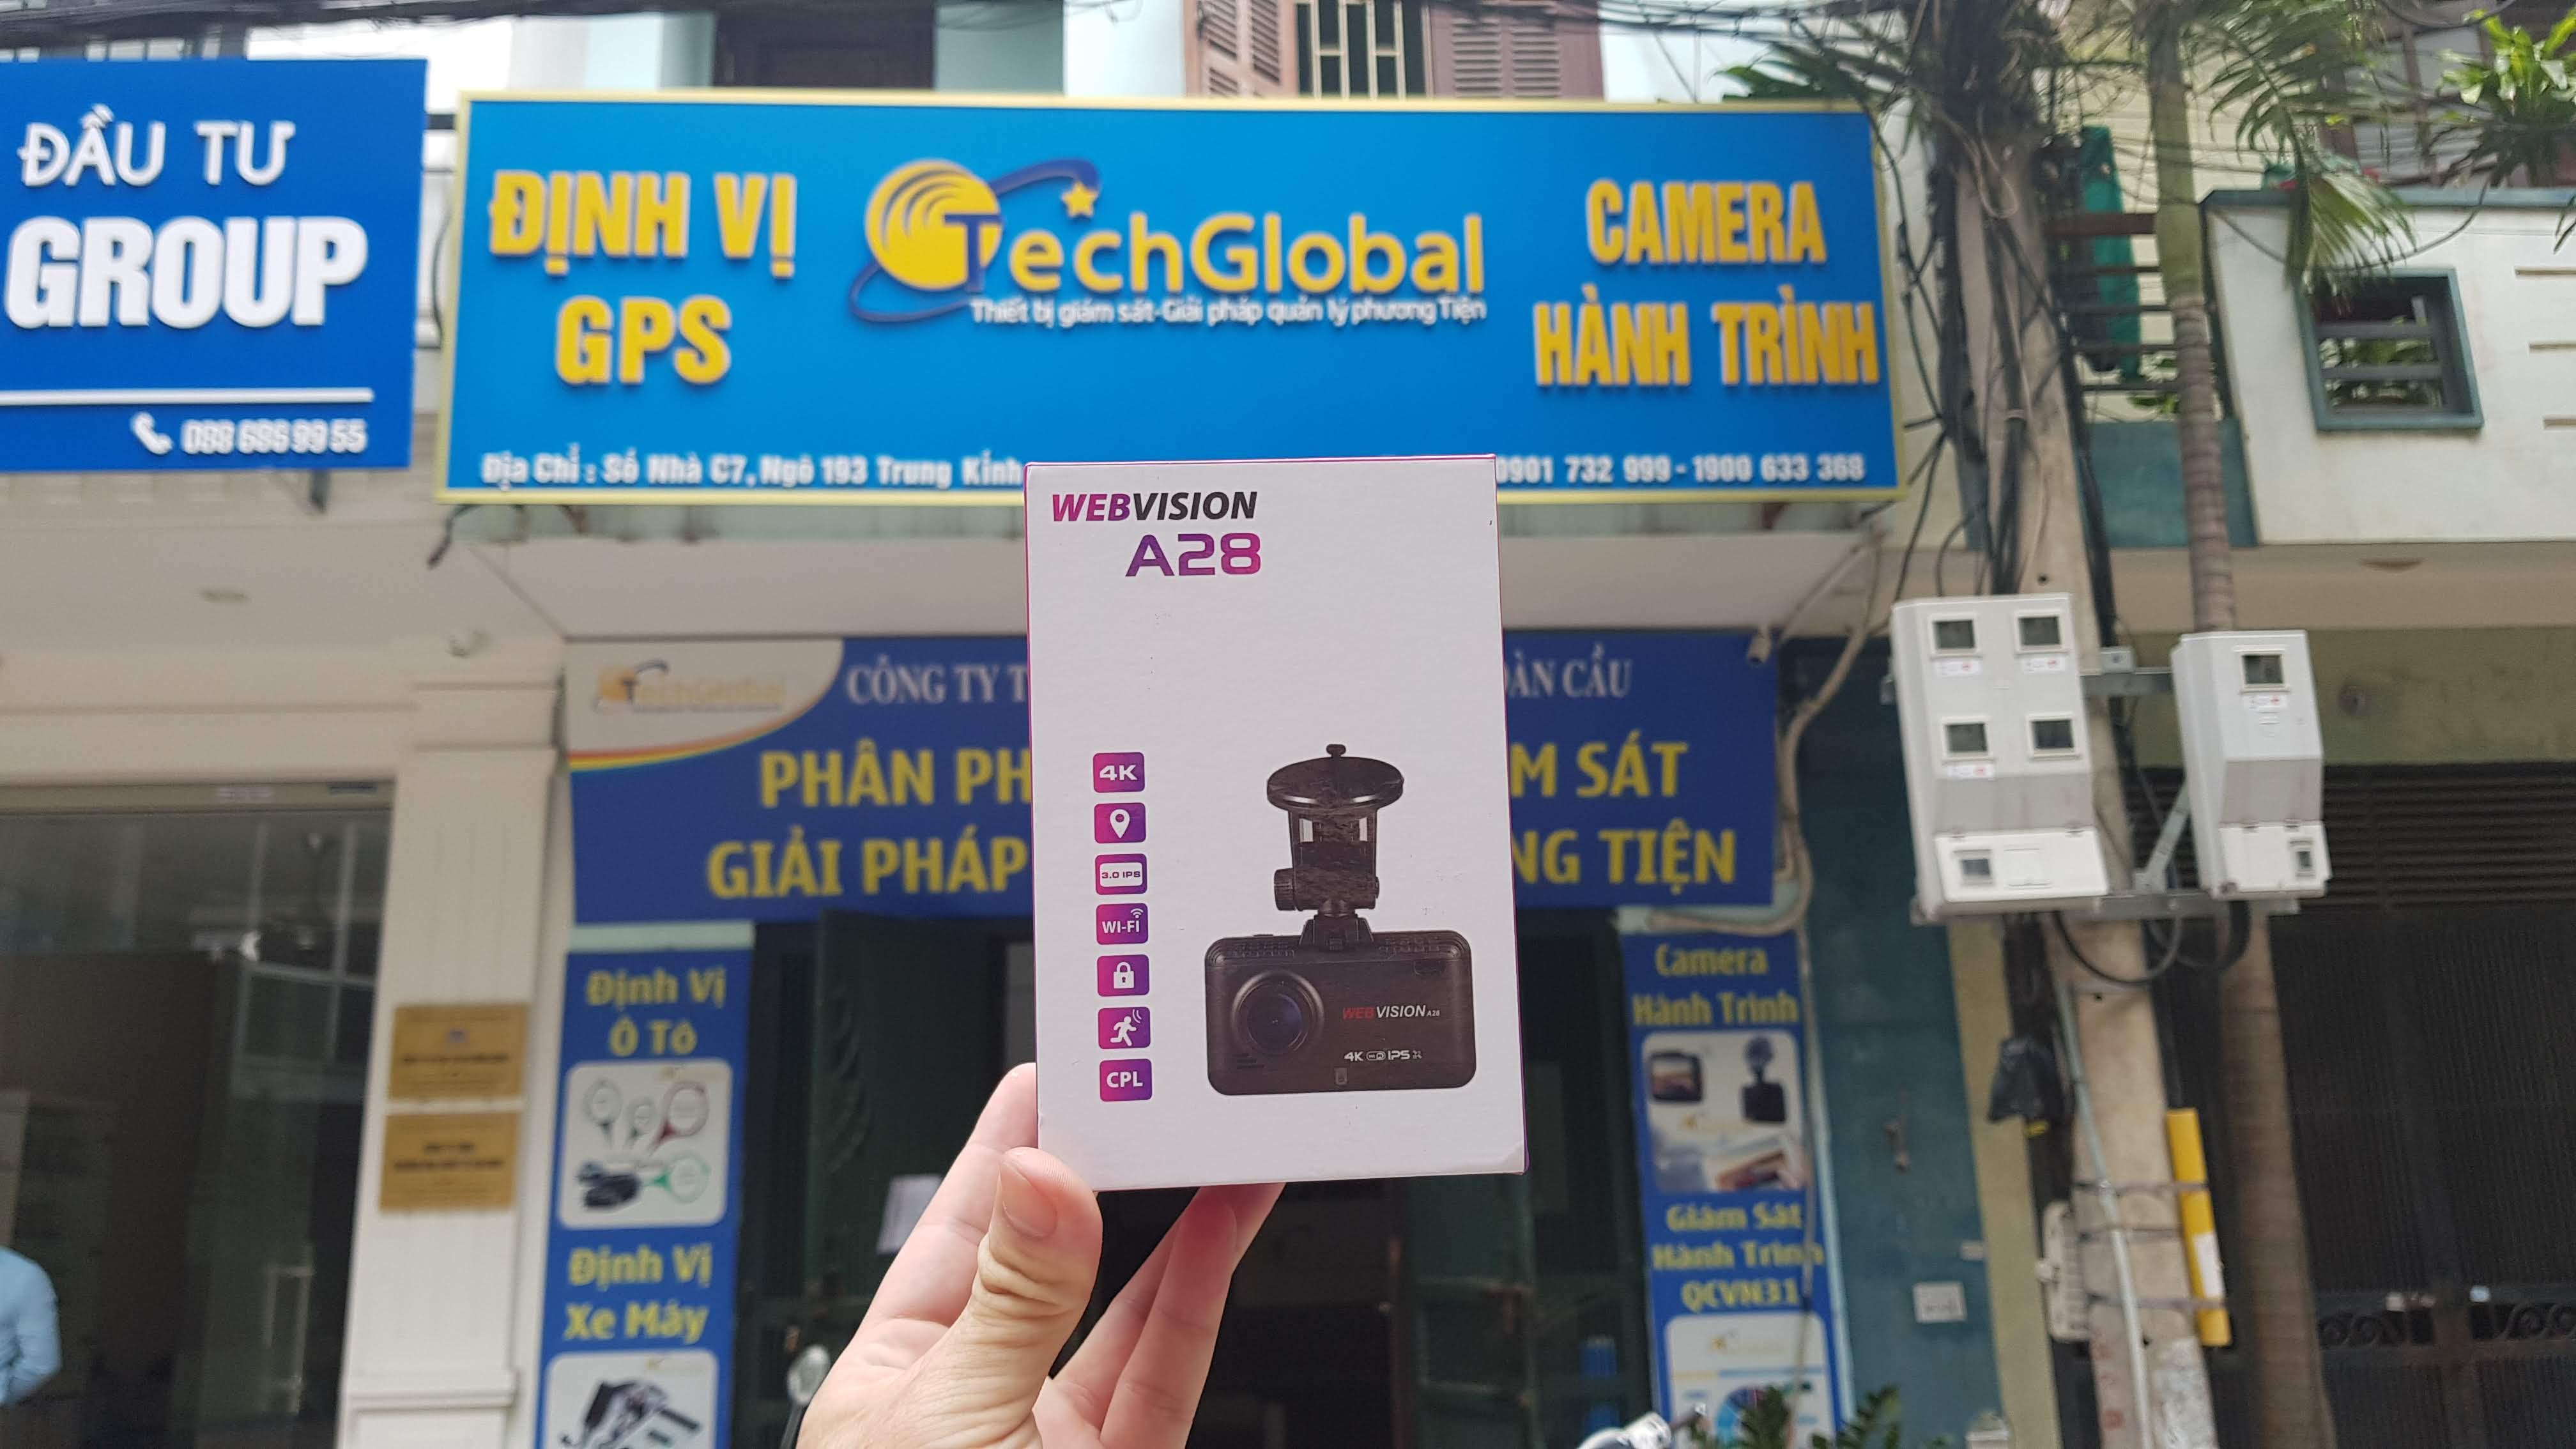 Camera sau Webvision A28 Ghi Hình Phía Sau Hỗ Trợ Lùi-119